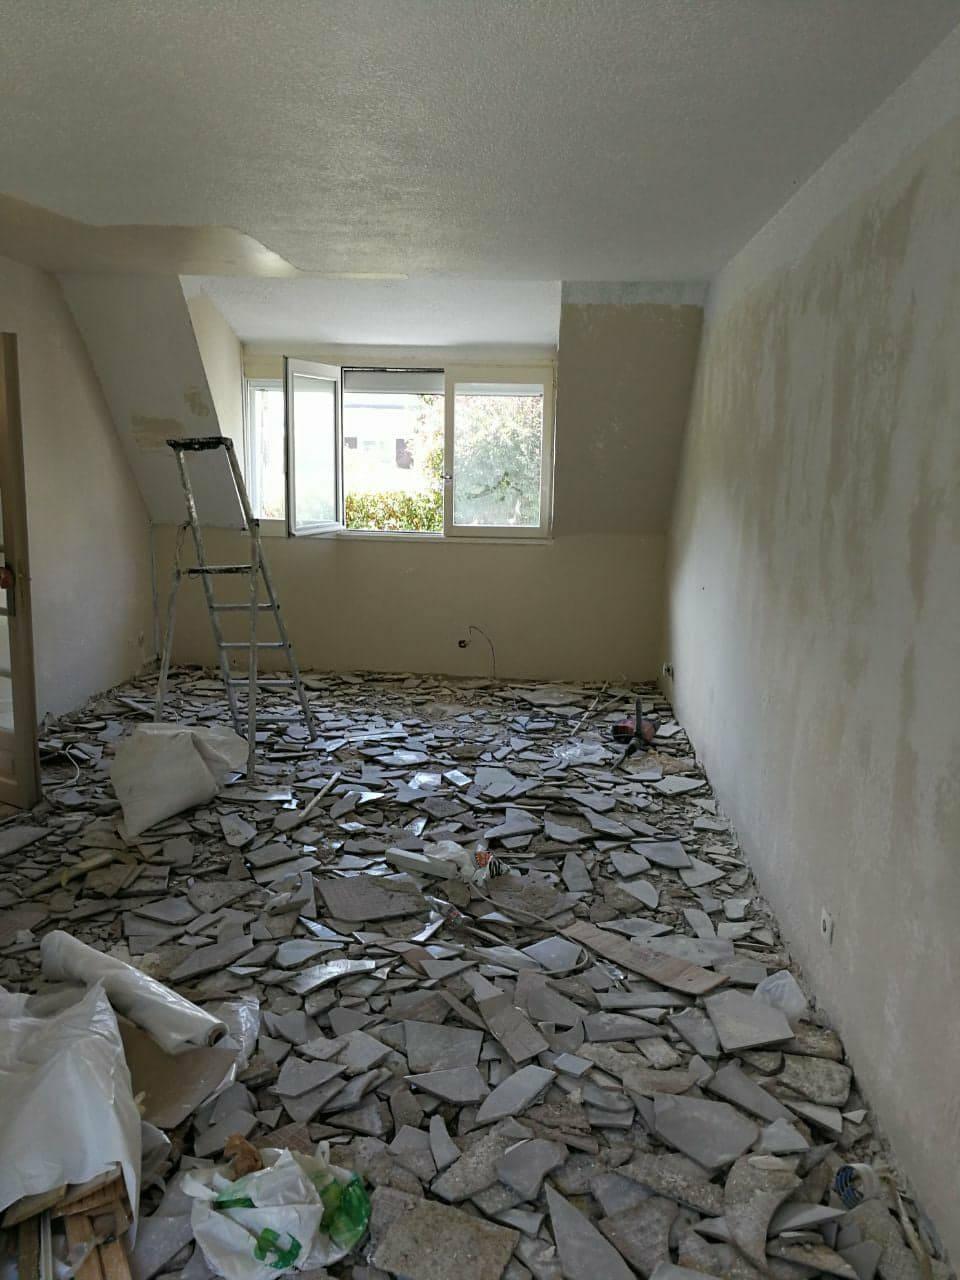 maghawry_renovation_travaux_2018_peinture_murs_wc_cuisine_escalier_toilette_carrelage_faux_plafond_cloisons_bandes_enduit_cheminee_salon6-min